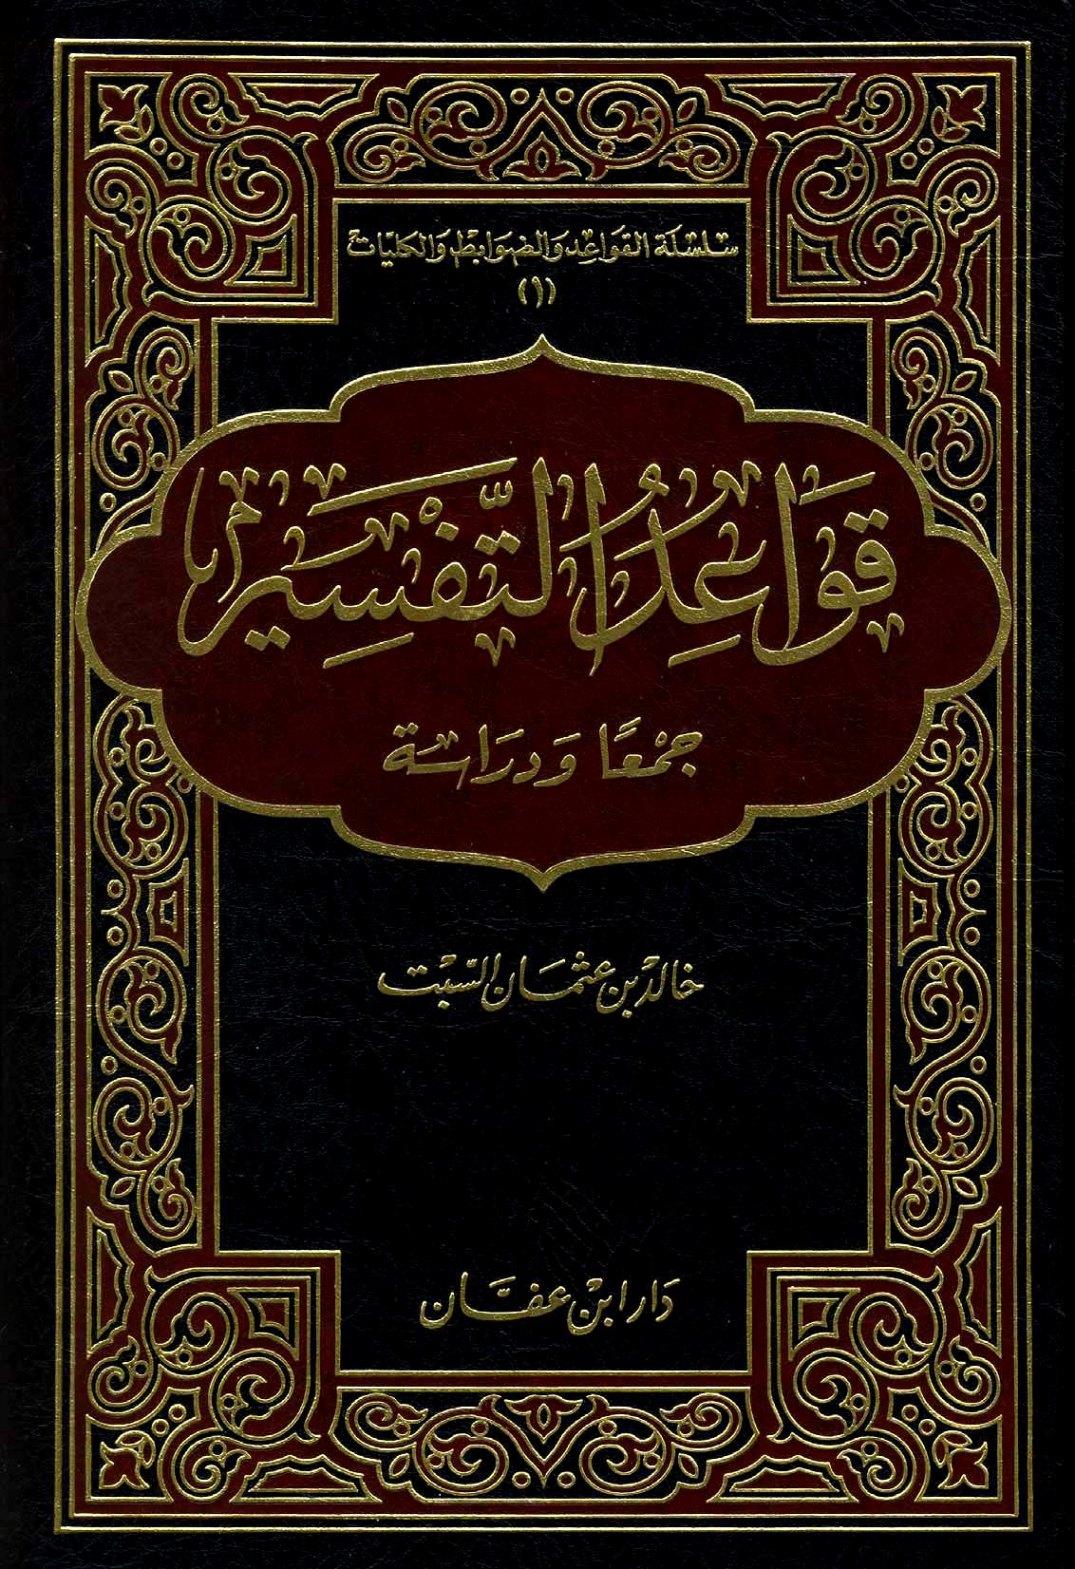 تحميل كتاب قواعد التفسير جمعا ودراسة تأليف خالد السبت pdf مجاناً | المكتبة الإسلامية | موقع بوكس ستريم